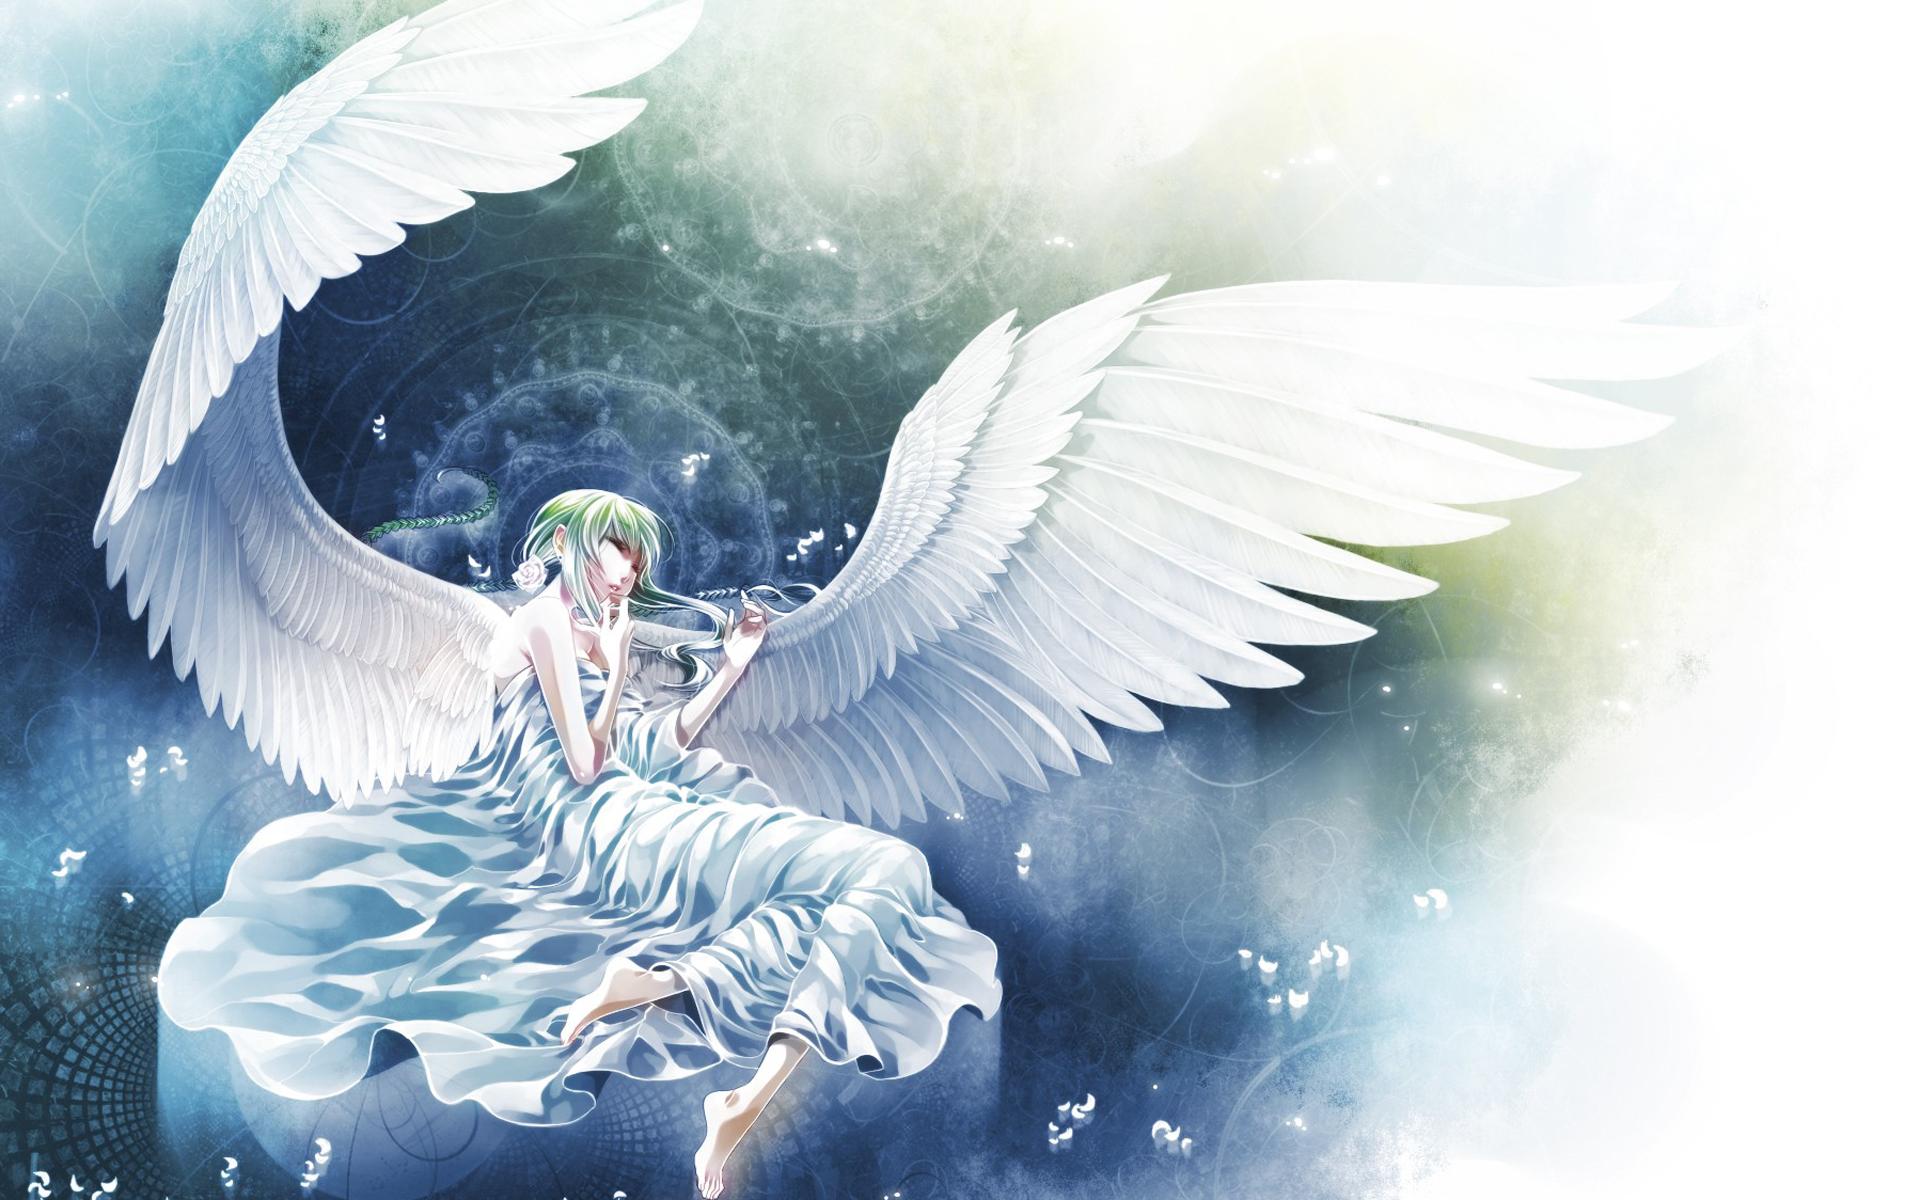 Cute Fairy Girl Wallpapers Anime Angel Wings Hd Image Pixelstalk Net